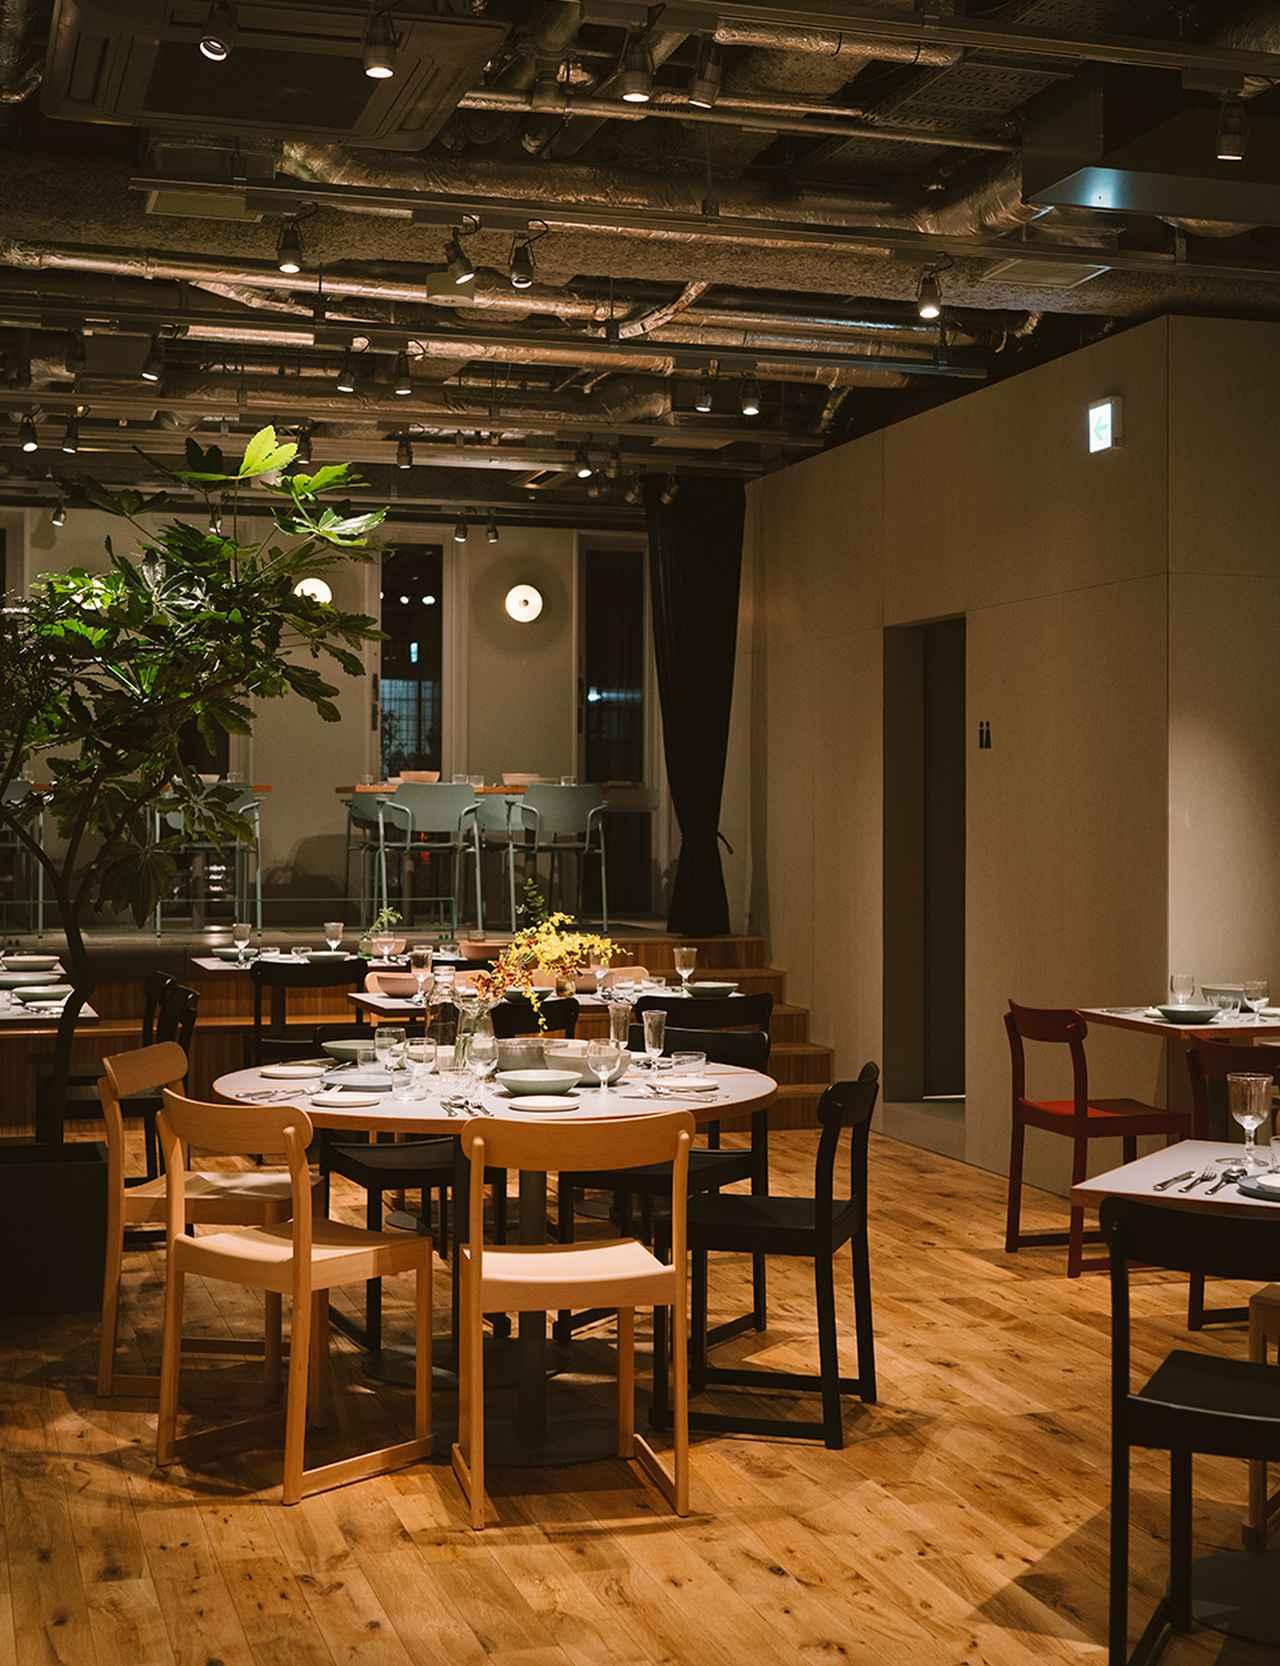 Images : 5番目の画像 - 「せきね きょうこ 連載 新・東京ホテル物語<Vol.56> 「LANDABOUT」」のアルバム - T JAPAN:The New York Times Style Magazine 公式サイト